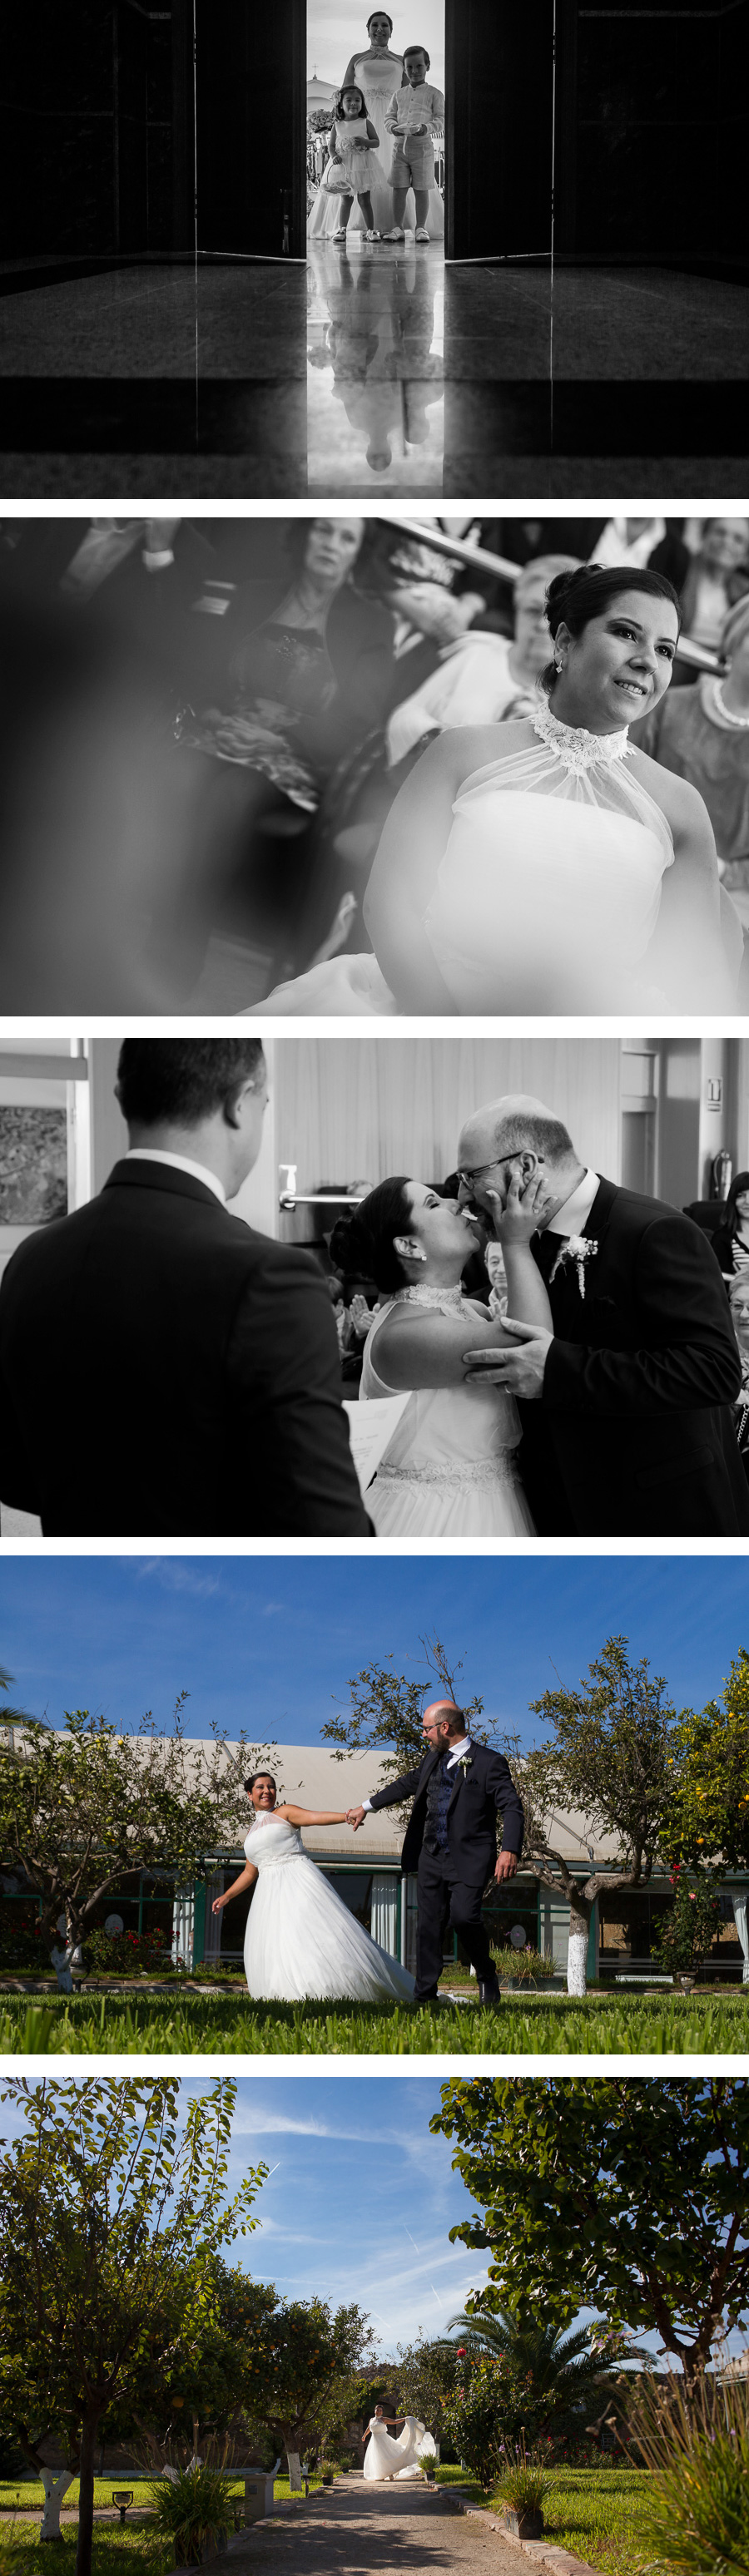 Reportaje de boda en alqueria del pi